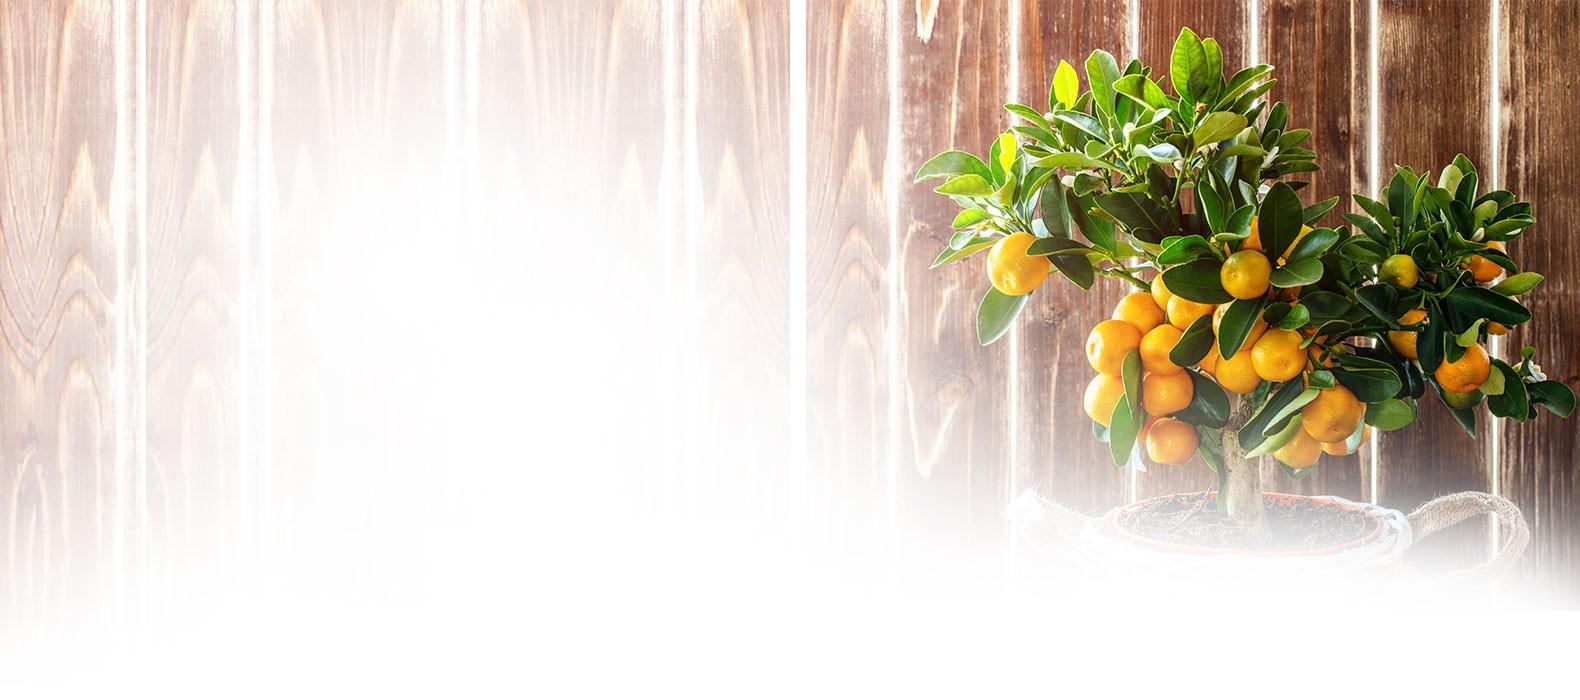 tropcial-plants